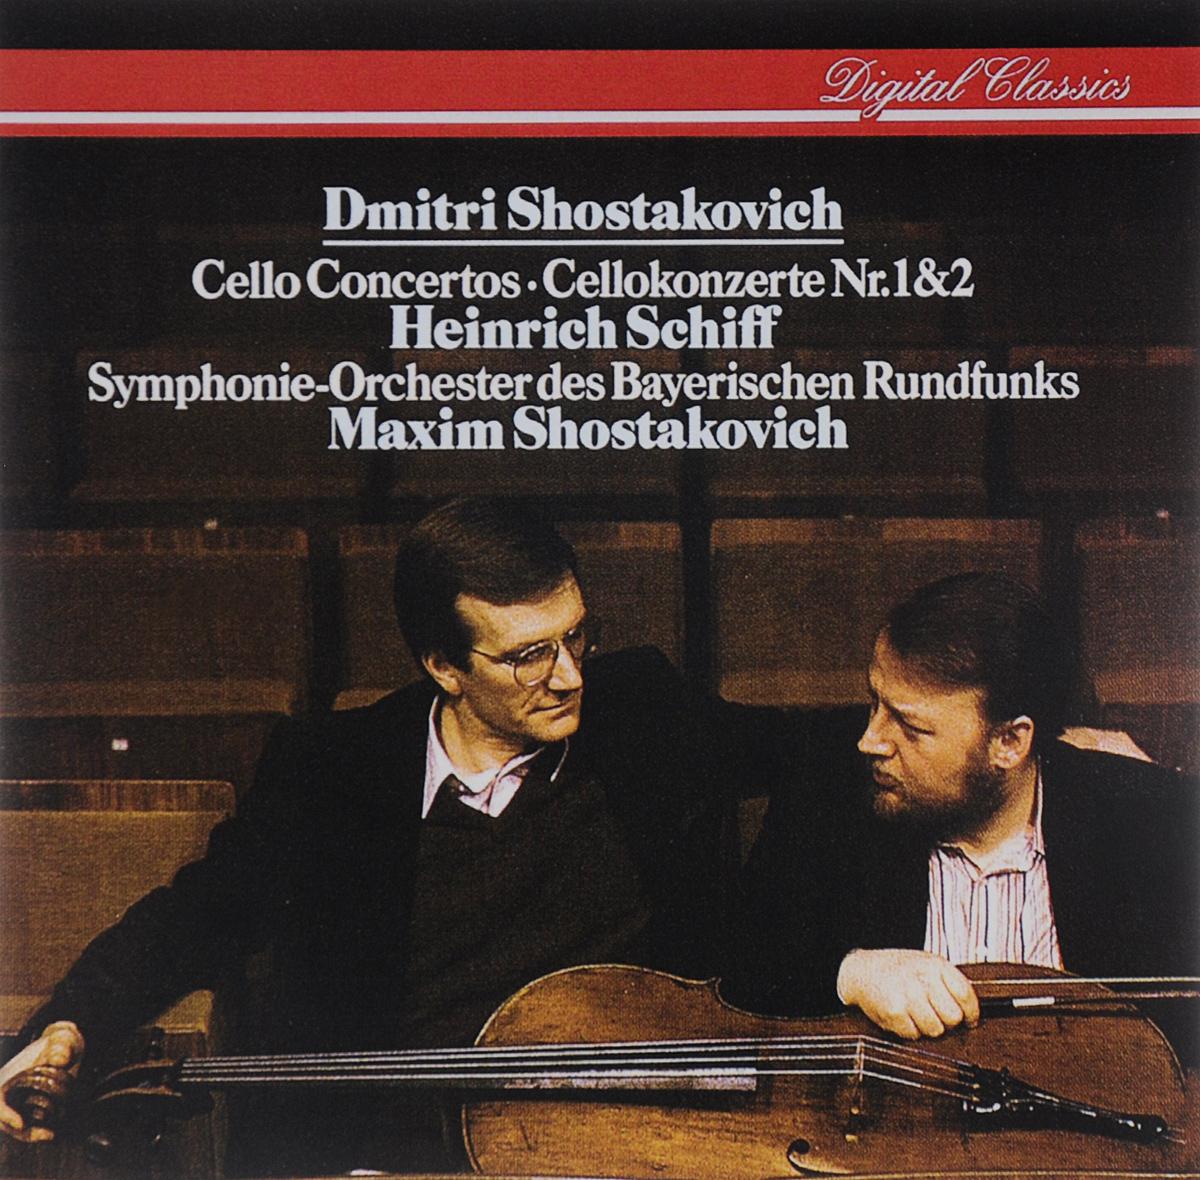 Генрих Шифф,Максим Шостакович,Symphonie-Orchester Des Bayerischen Rundfunks Heinrich Schiff. Maxim Shostakovich. Dmitri Shostakovich. Cello Concertos Nr. 1 & 2